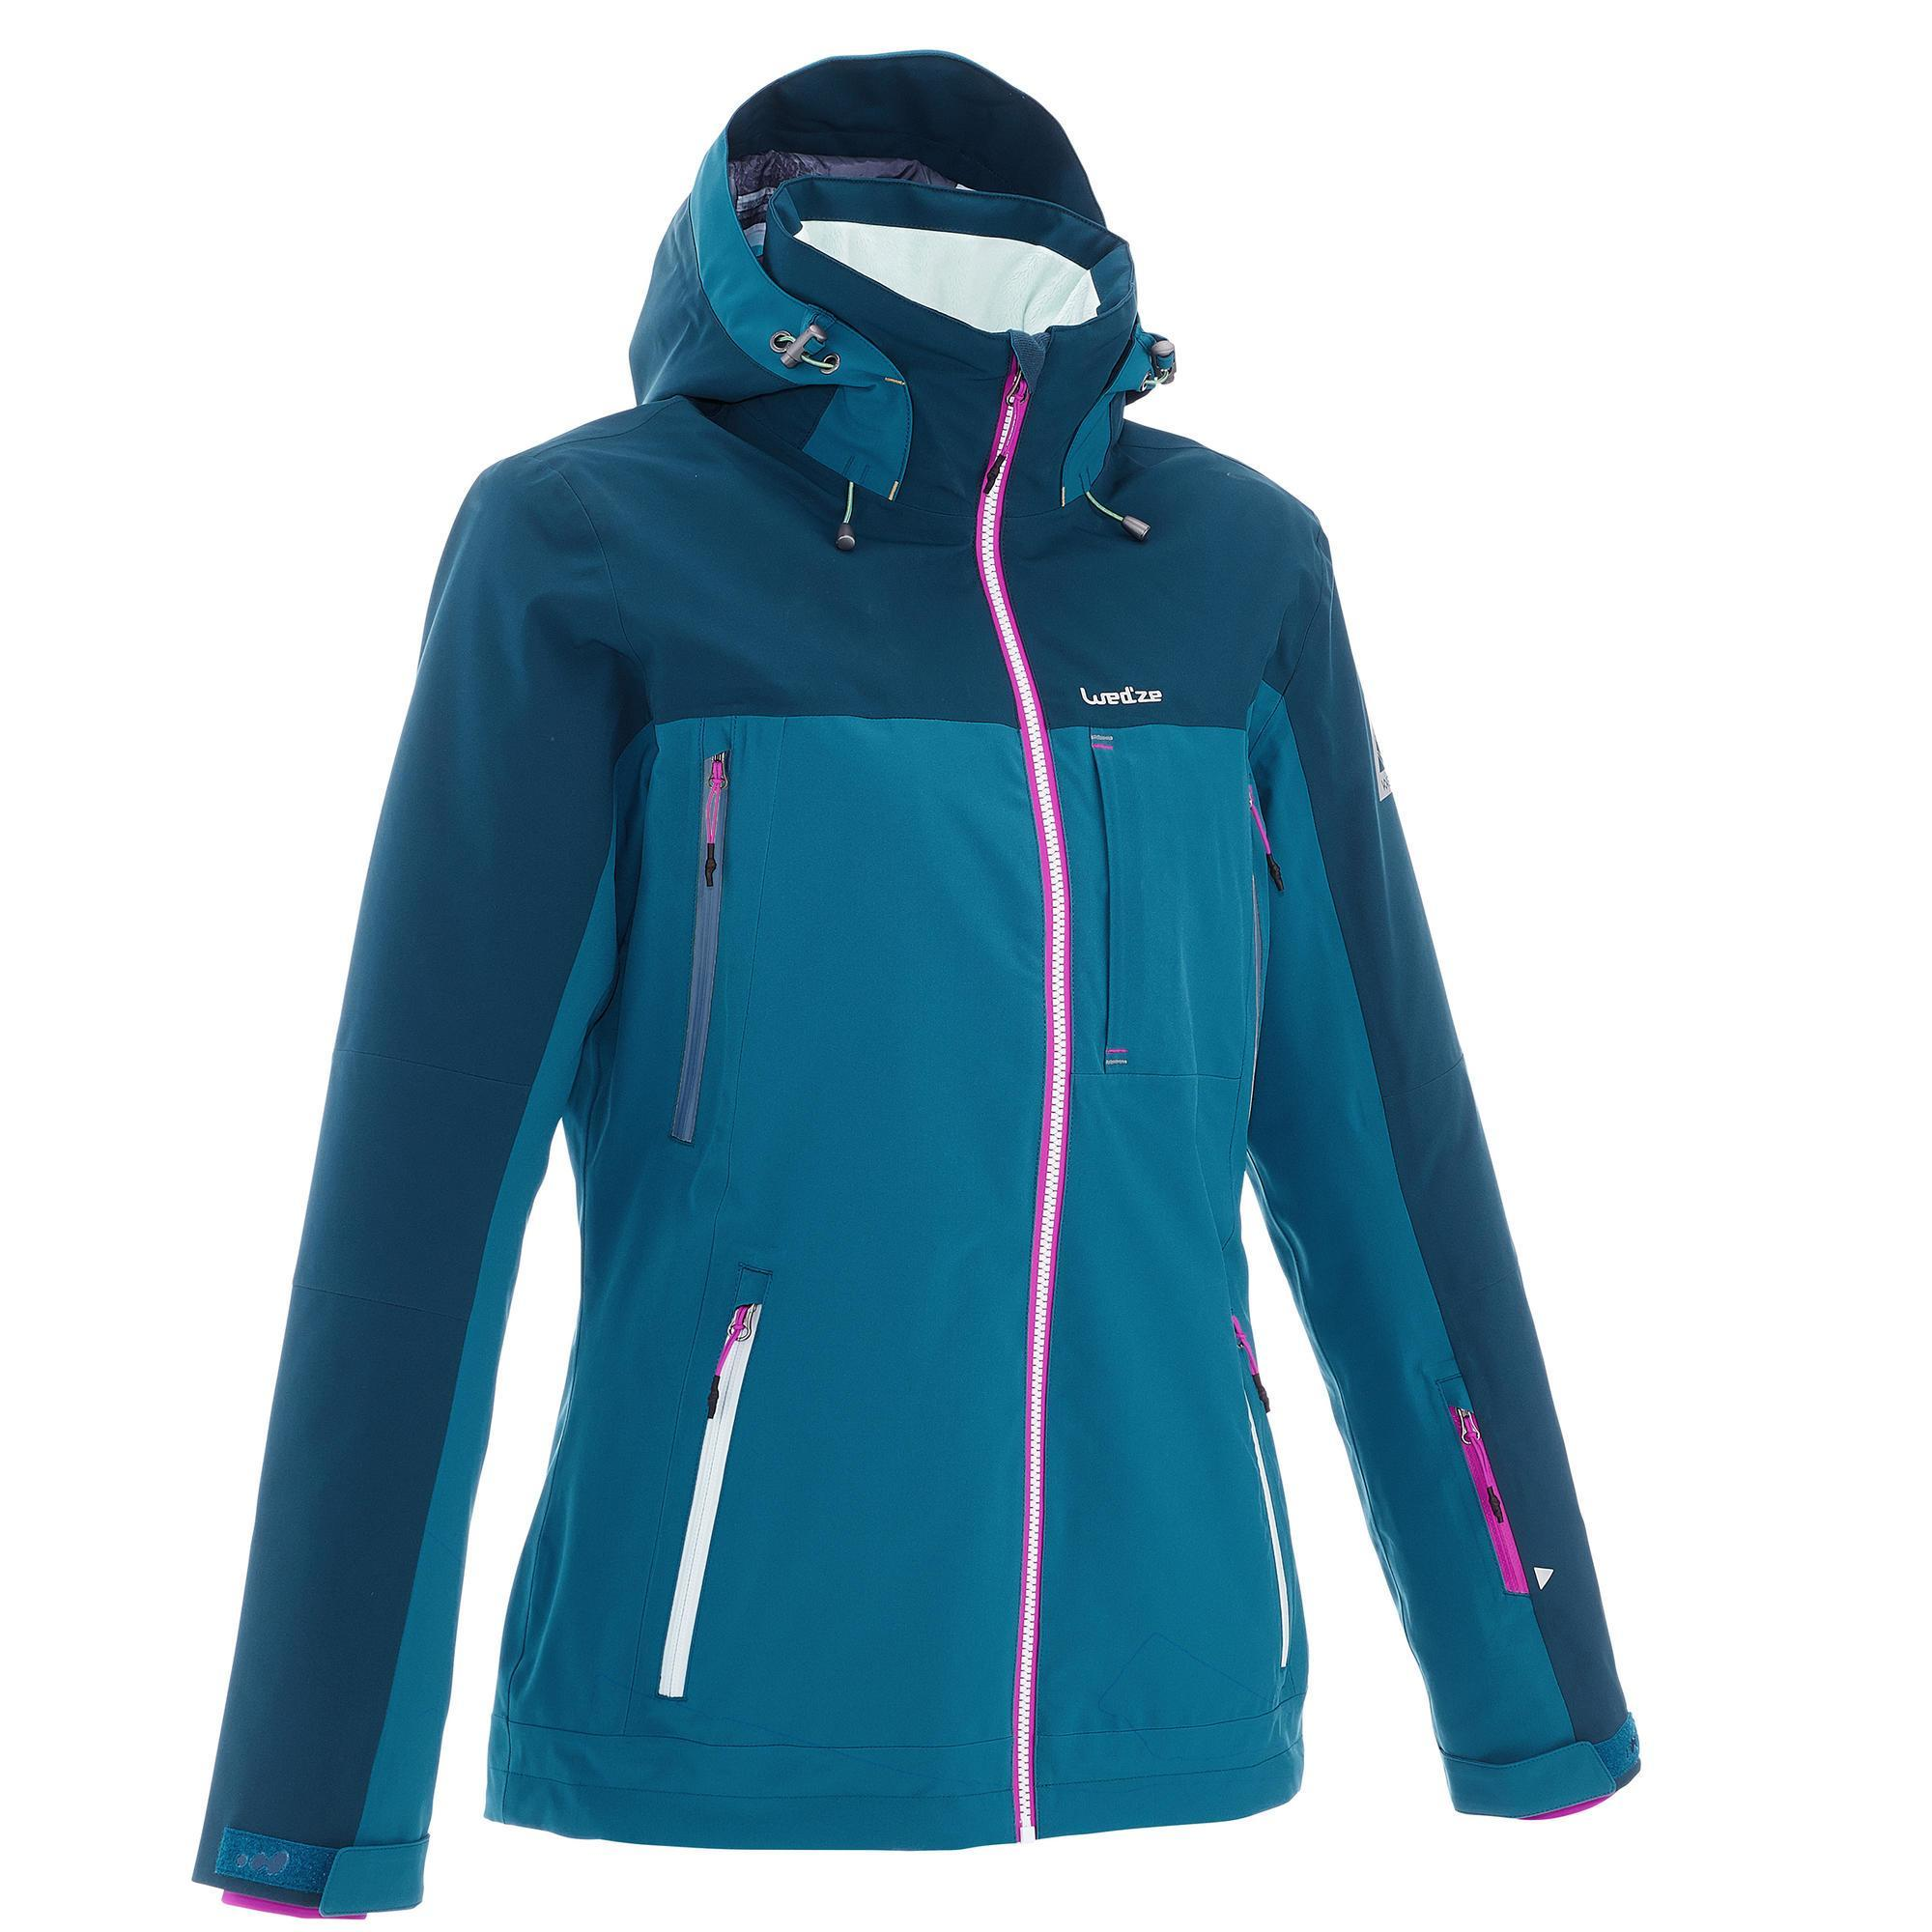 ae013779e98 Abrigos deportivos mujer decathlon – Artículos populares de moda